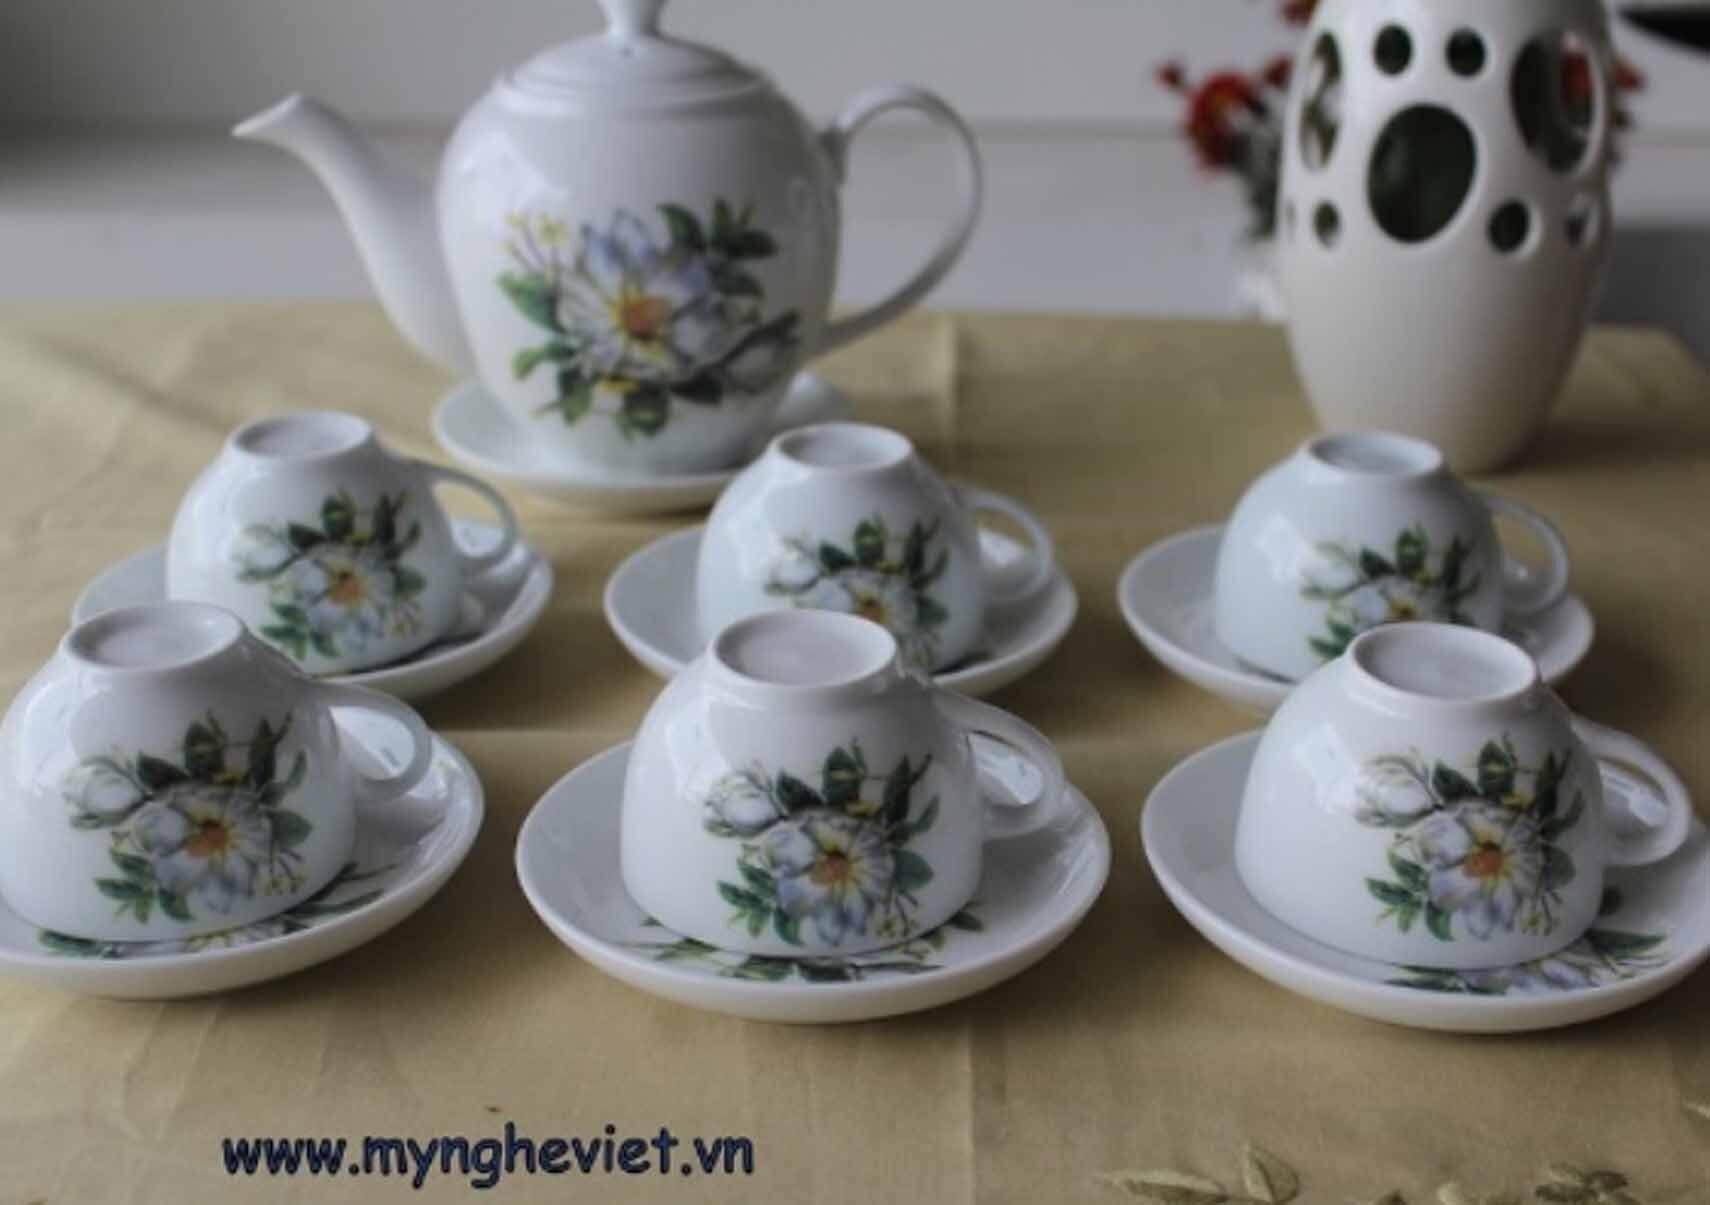 Bộ bình trà men trắng vẽ hoa trà MNV-TS005